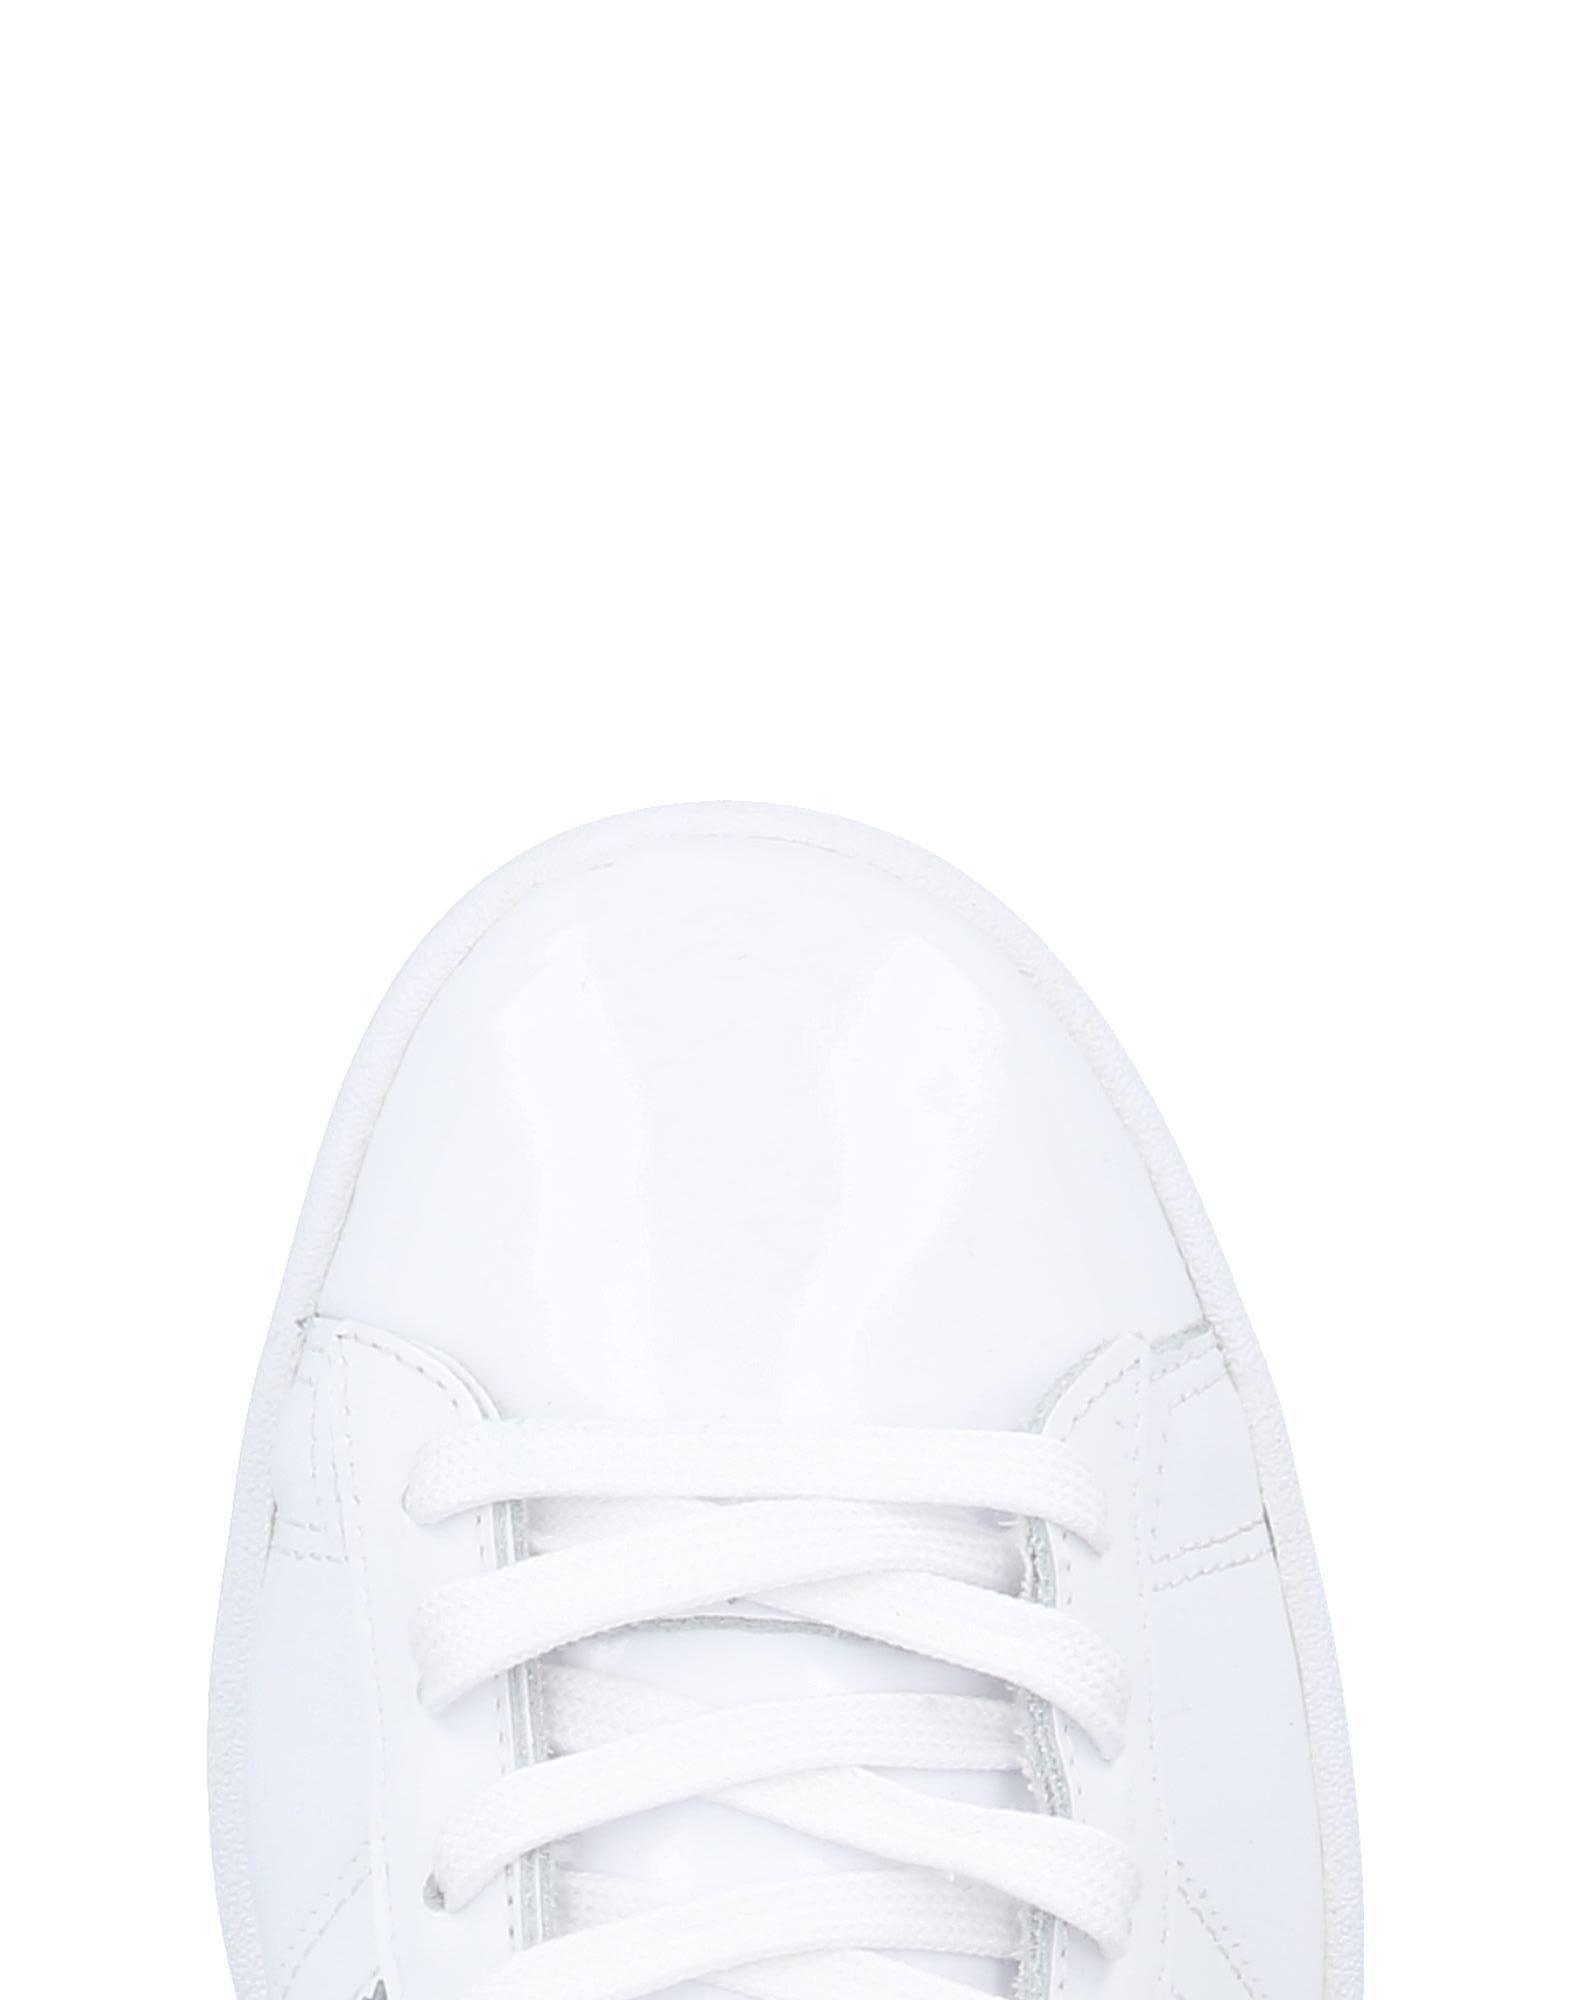 Rabatt By echte Schuhe Adidas Originals By Rabatt Weiß Mountaineering Sneakers Herren  11453167OI 7c261b